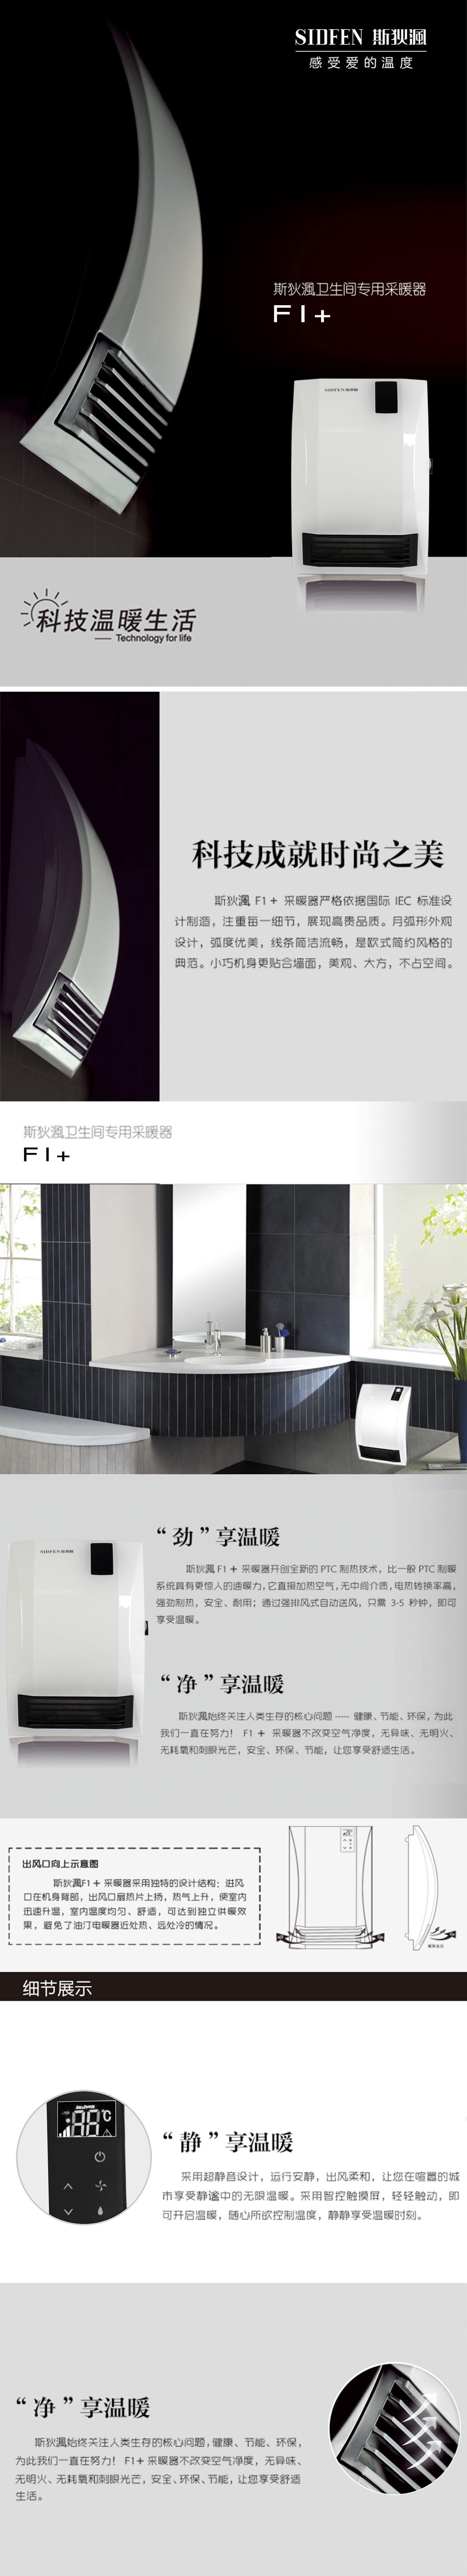 e世博在线娱乐浴室专用采暖器.jpg